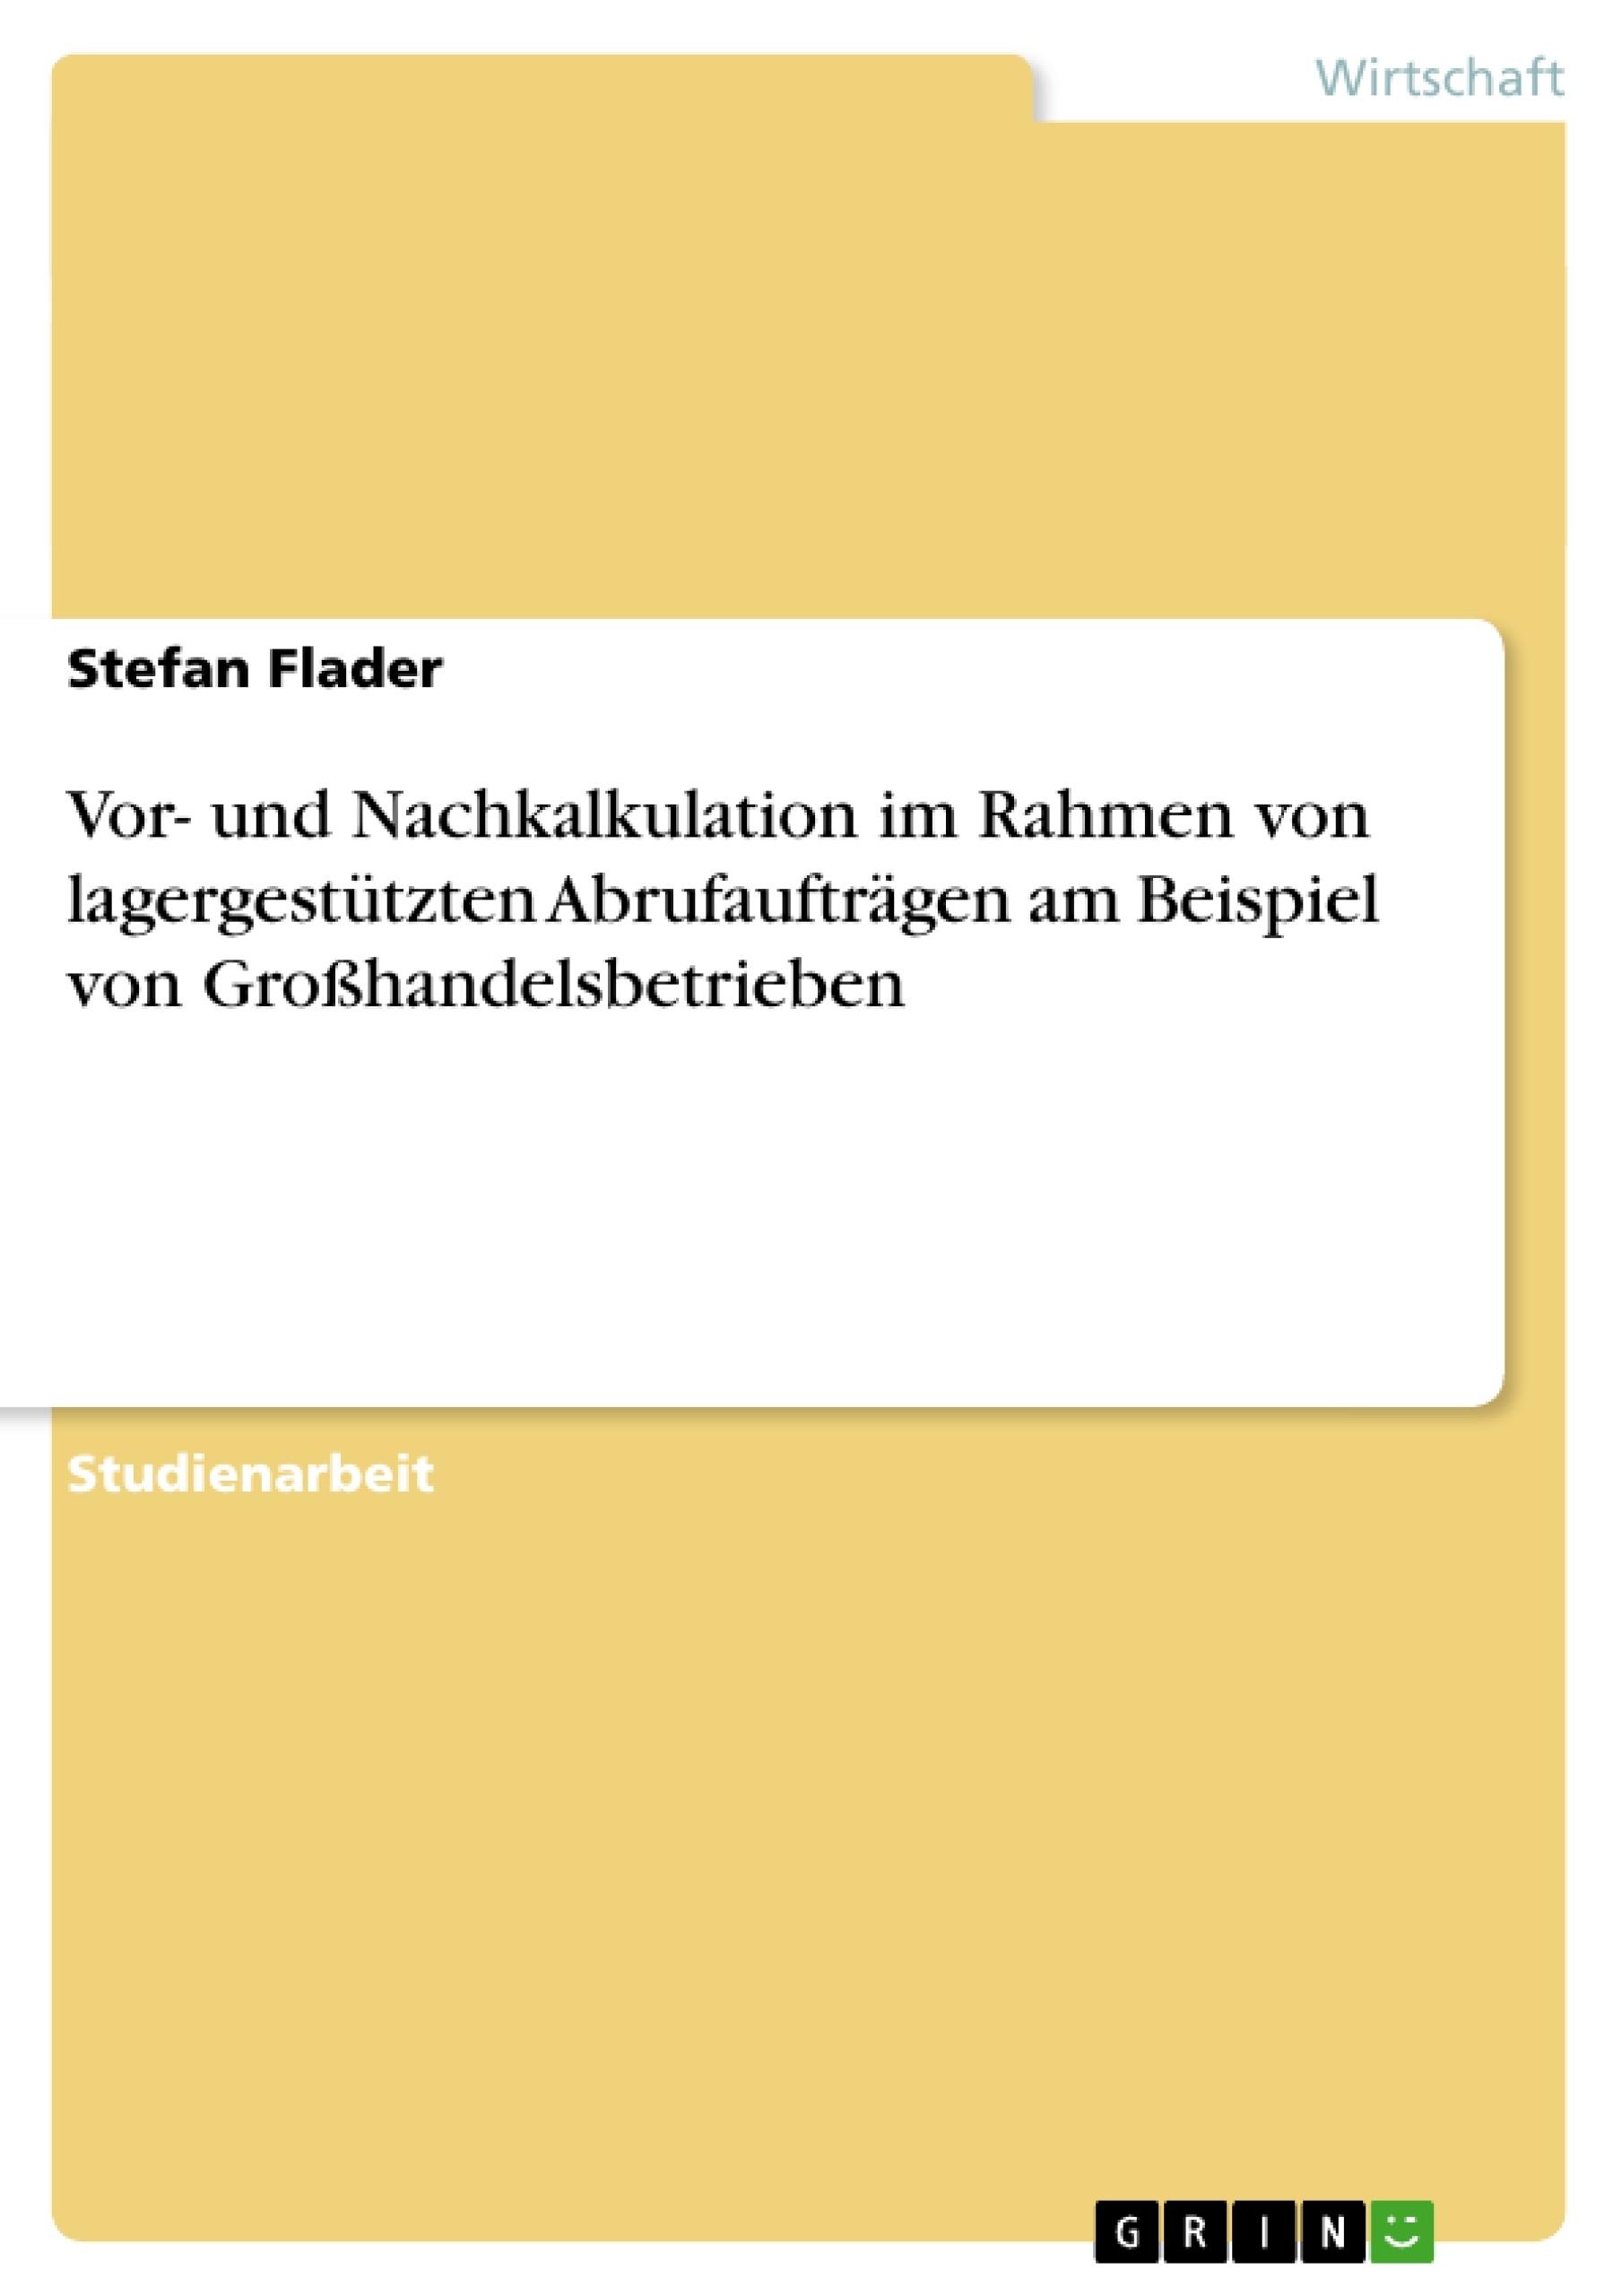 Titel: Vor- und Nachkalkulation im Rahmen von lagergestützten Abrufaufträgen am Beispiel von Großhandelsbetrieben